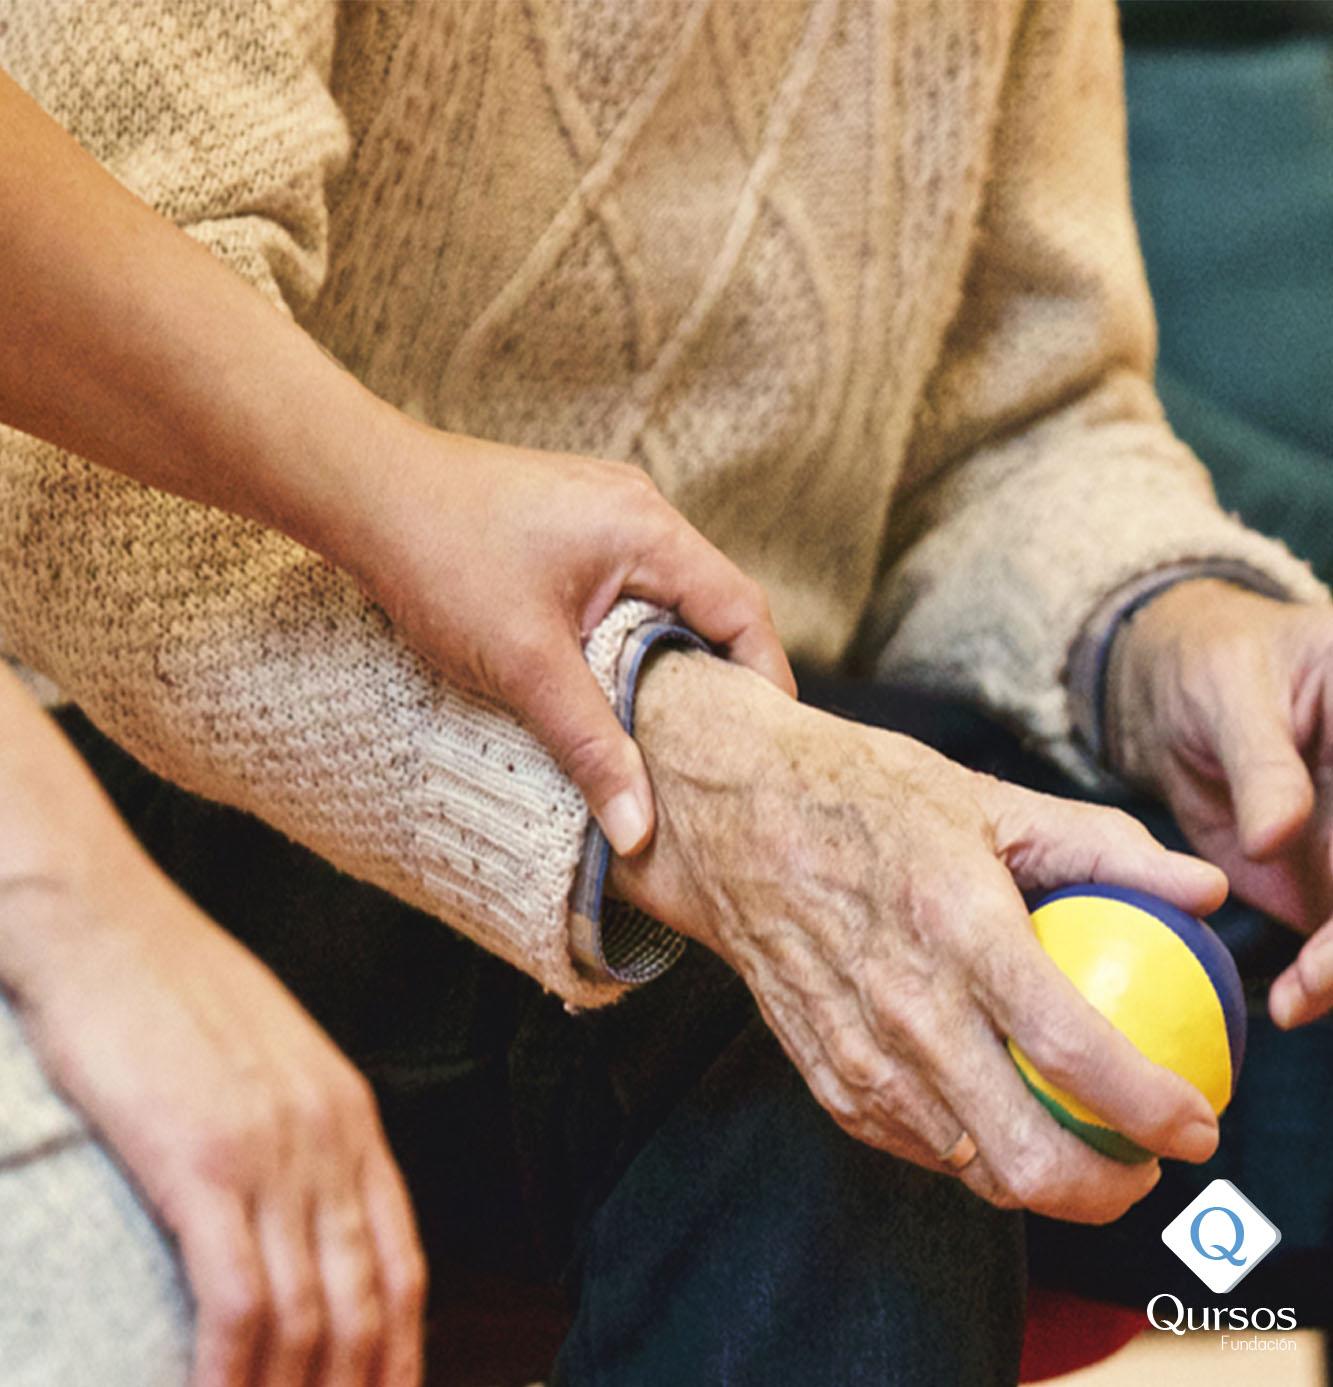 Actuación del celador con el enfermo de Alzheimer